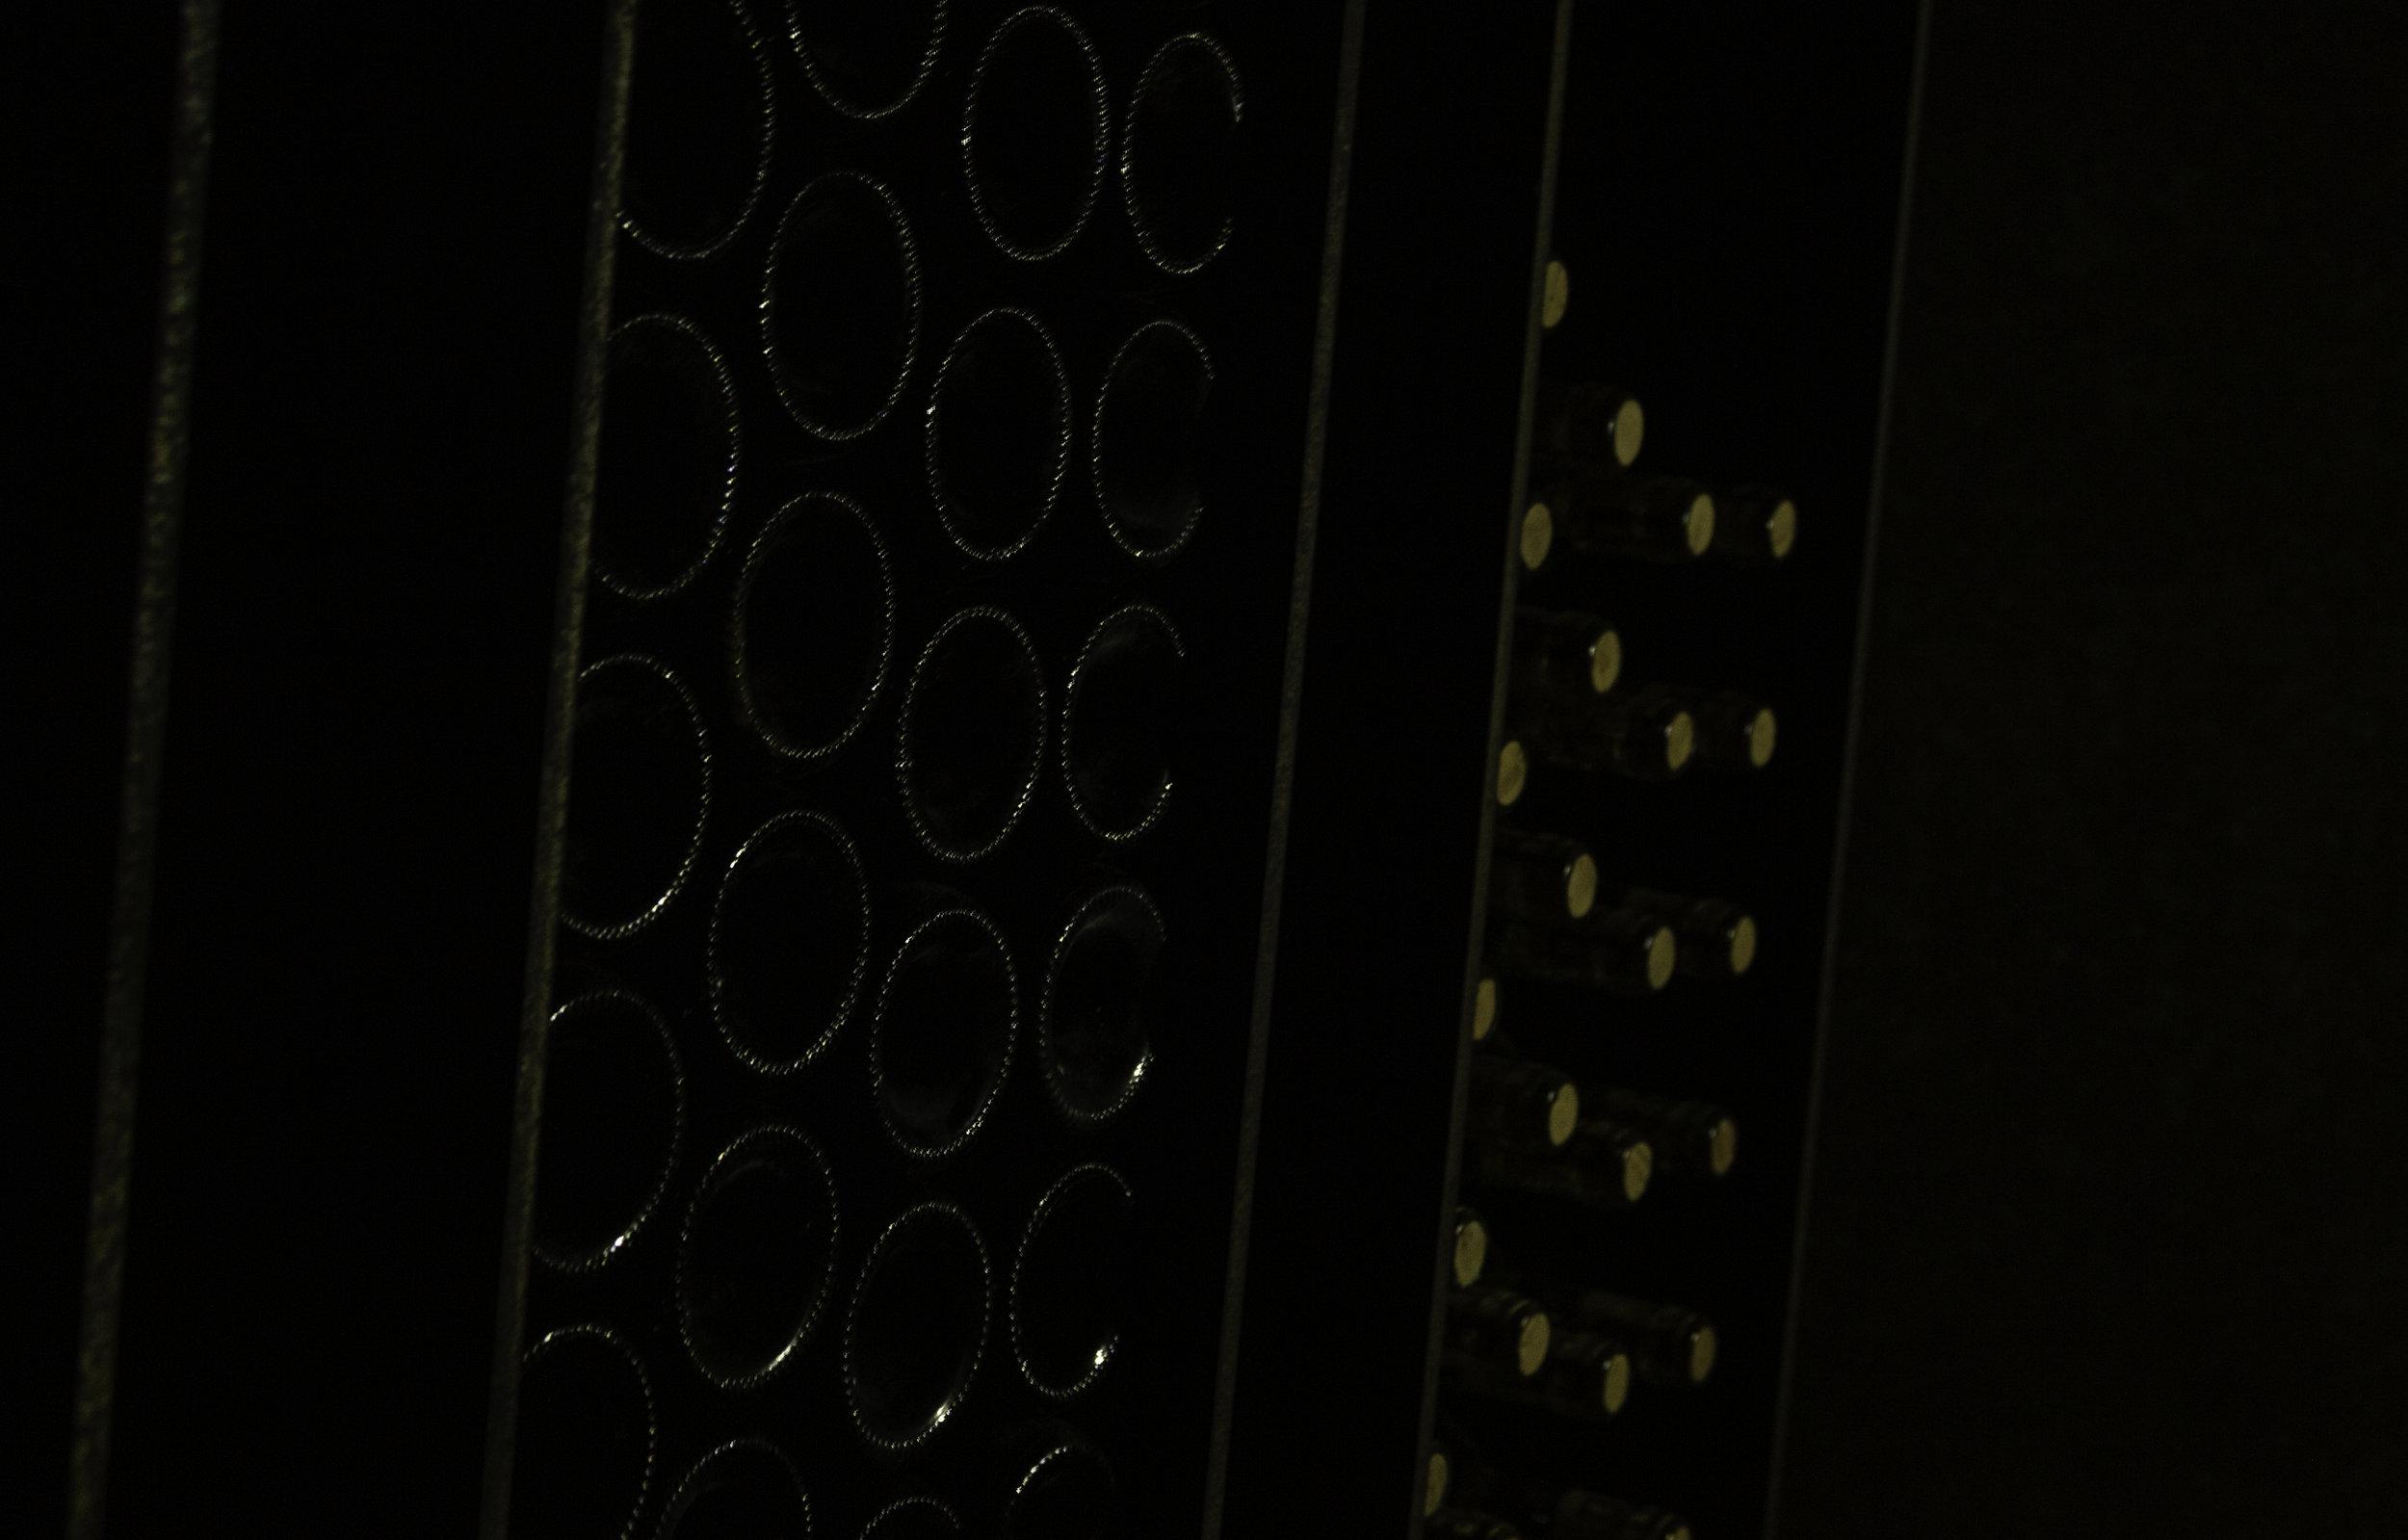 Wines in storage